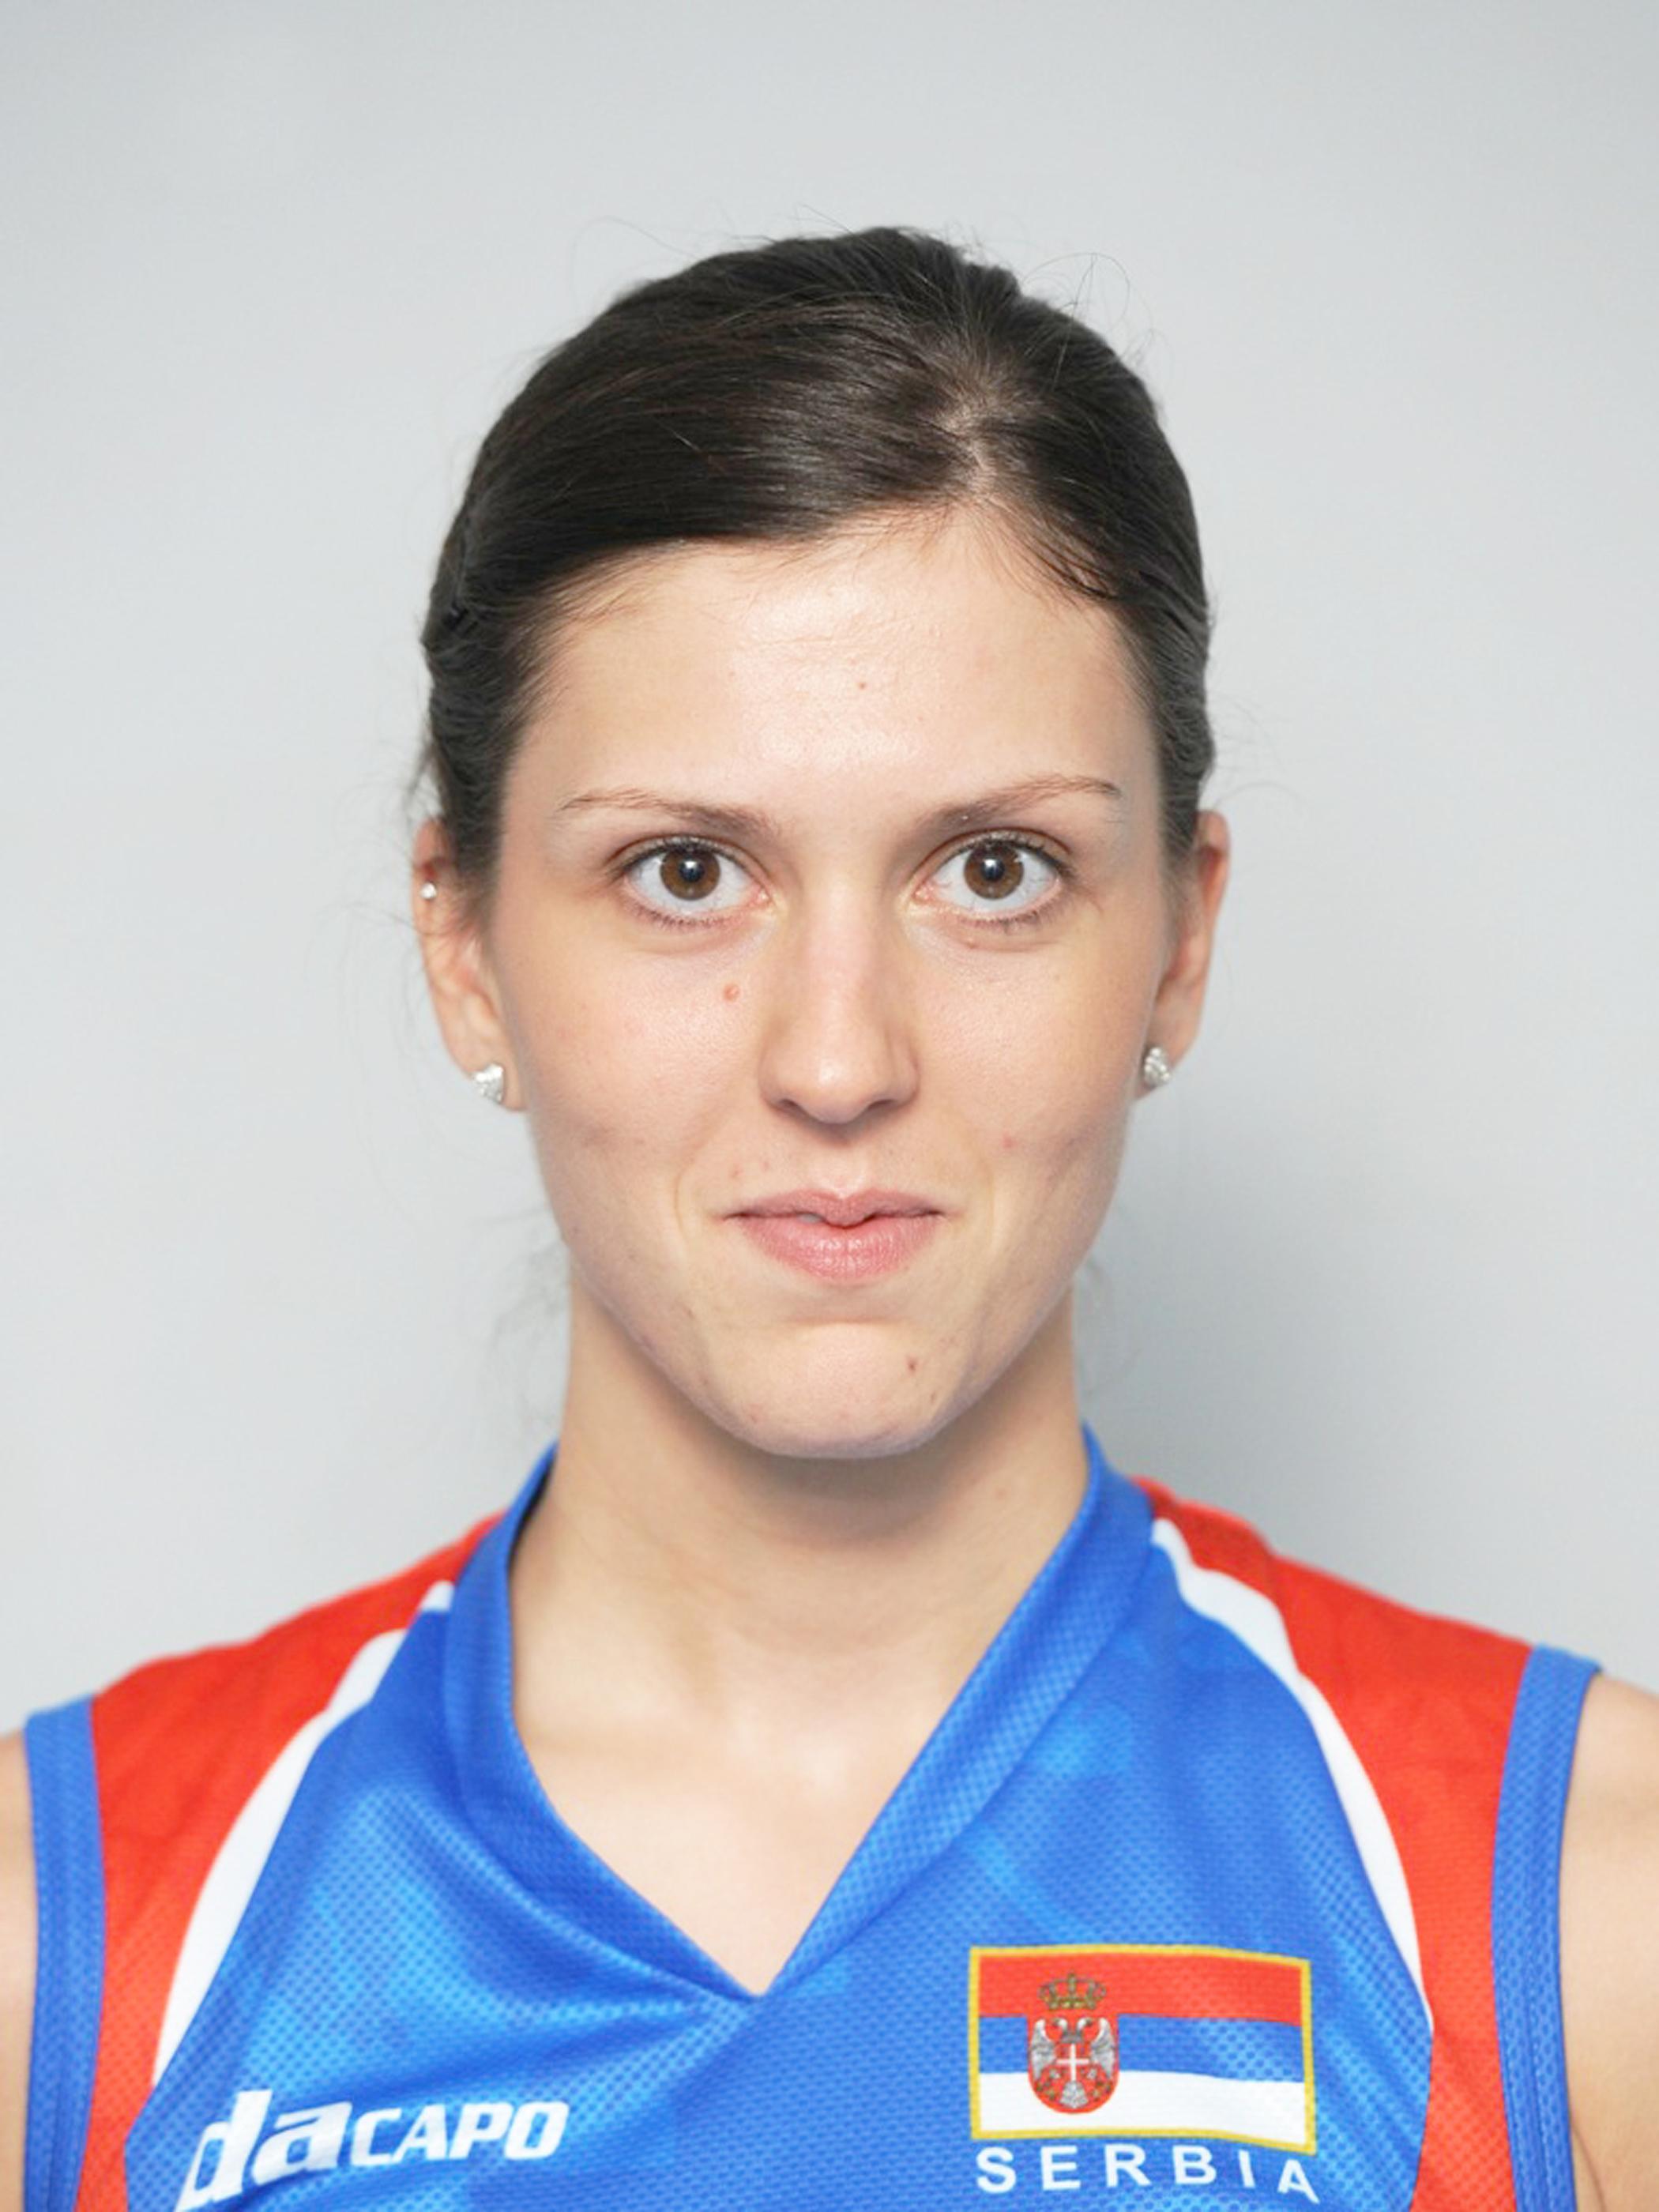 Bojana Zivkovic